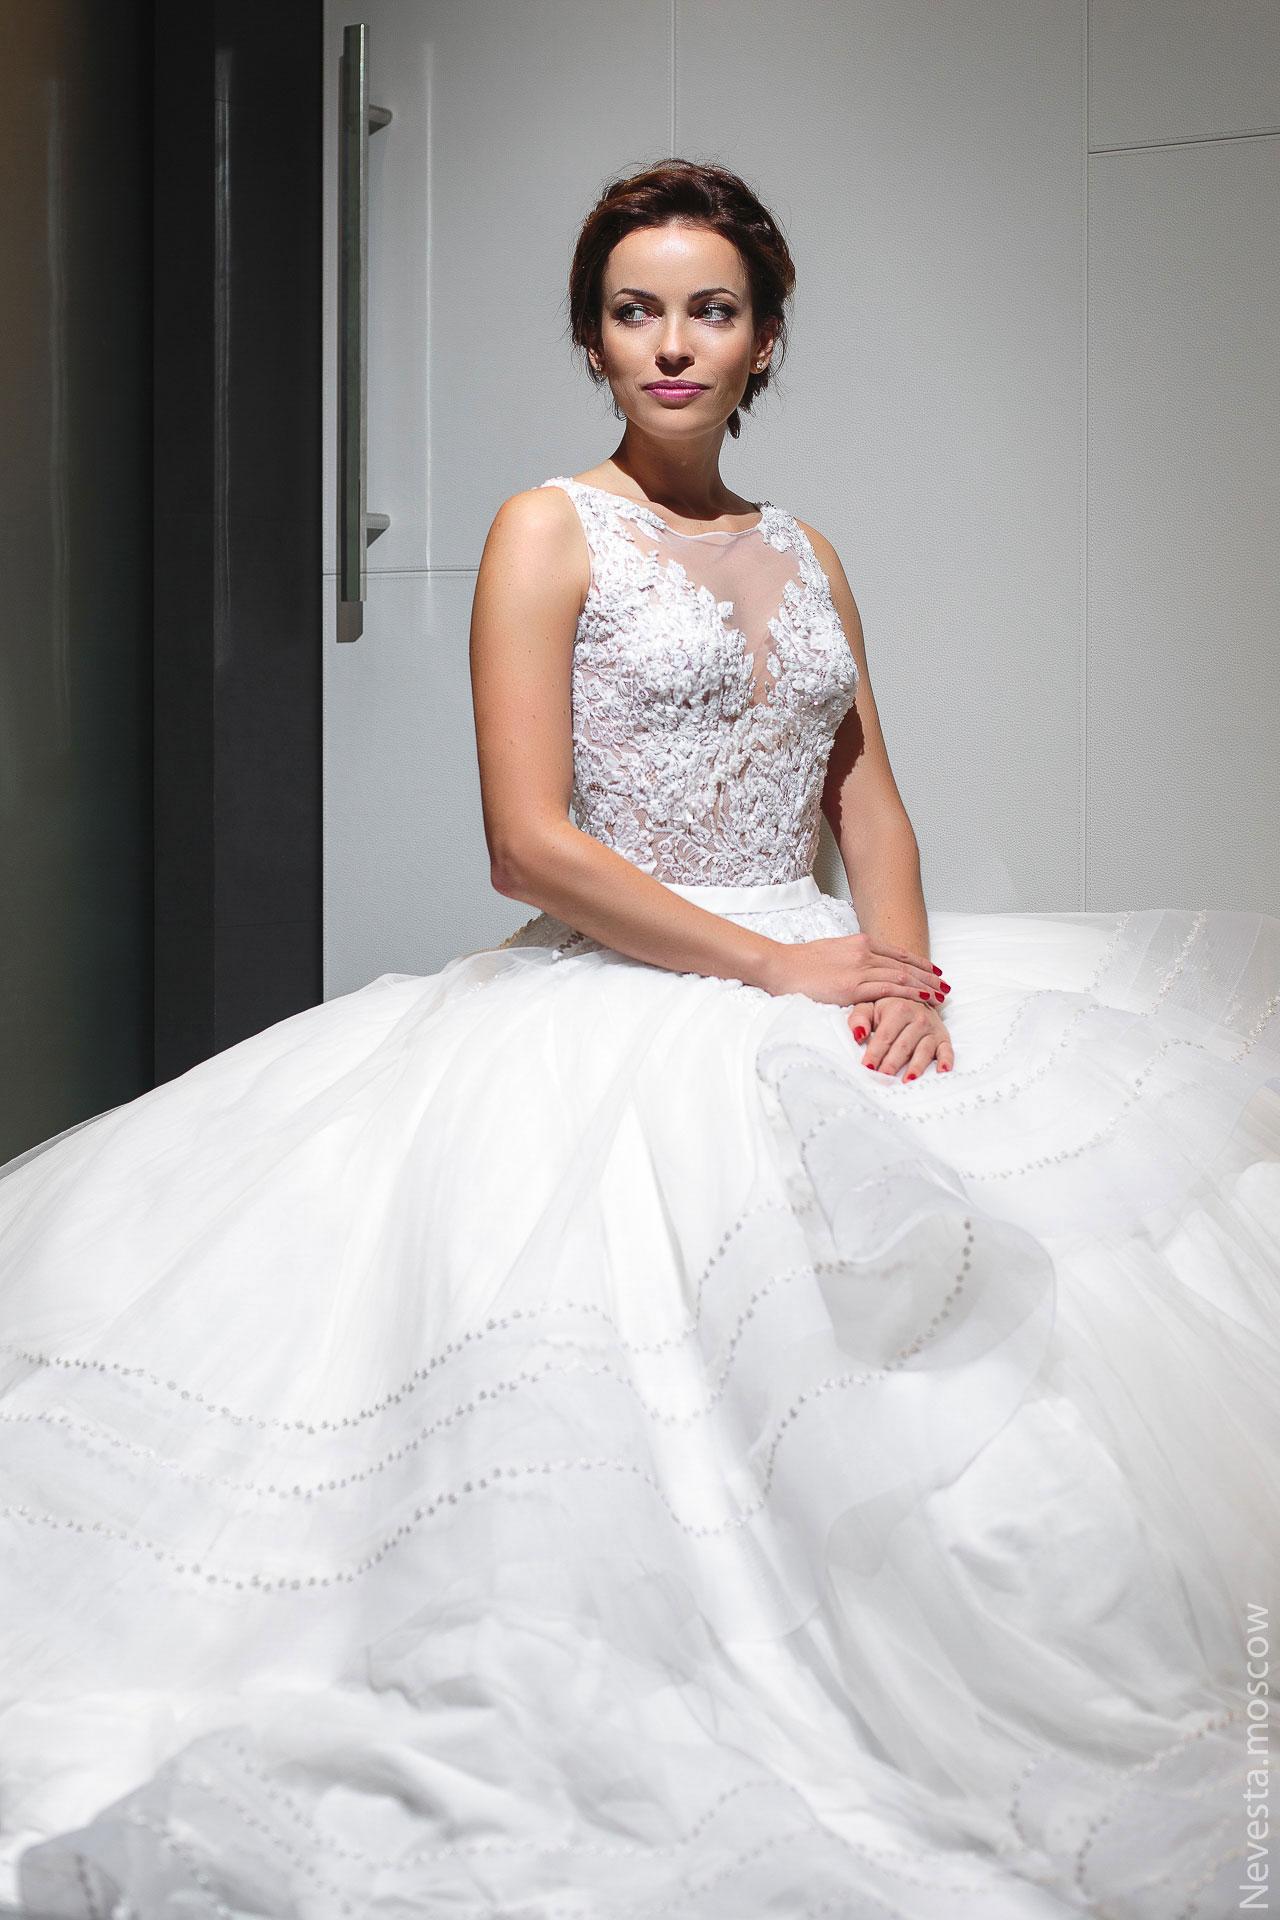 Актриса Ольга Зайцева примеряет образ для свадьбы в Альпах фото 2